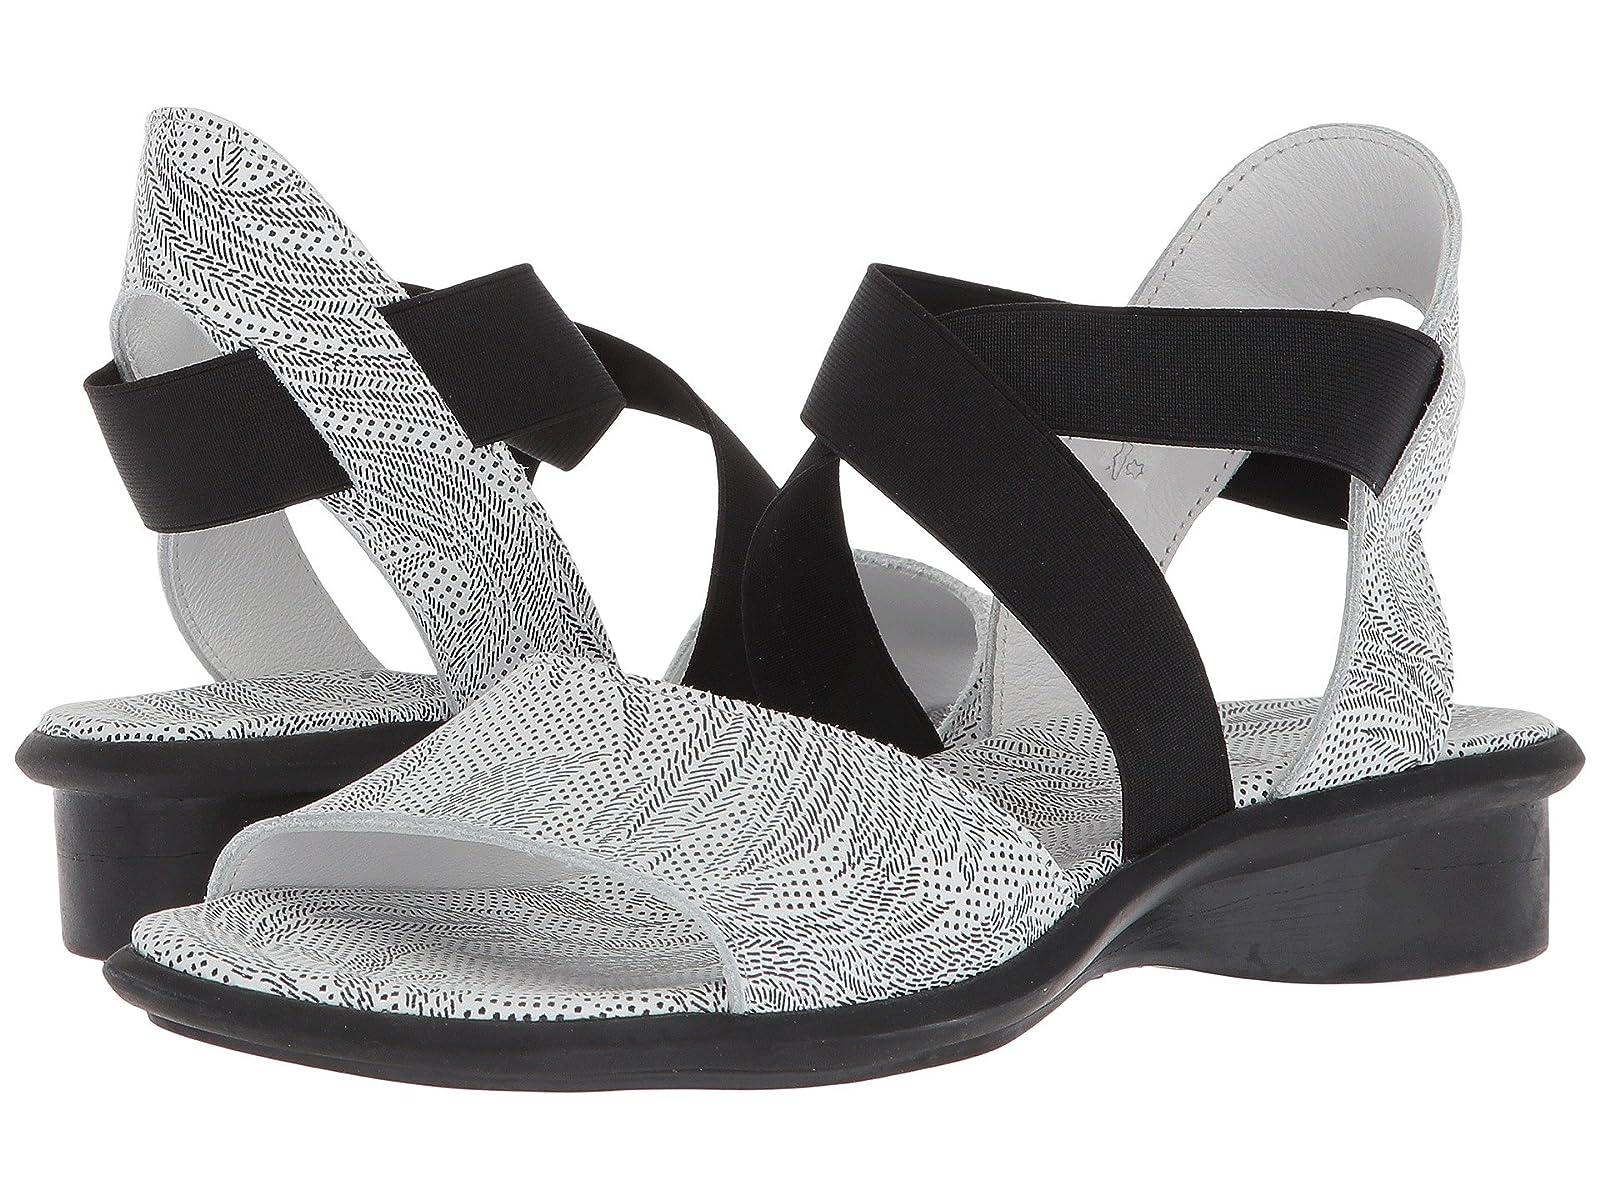 Arche SatiaAtmospheric grades have affordable shoes